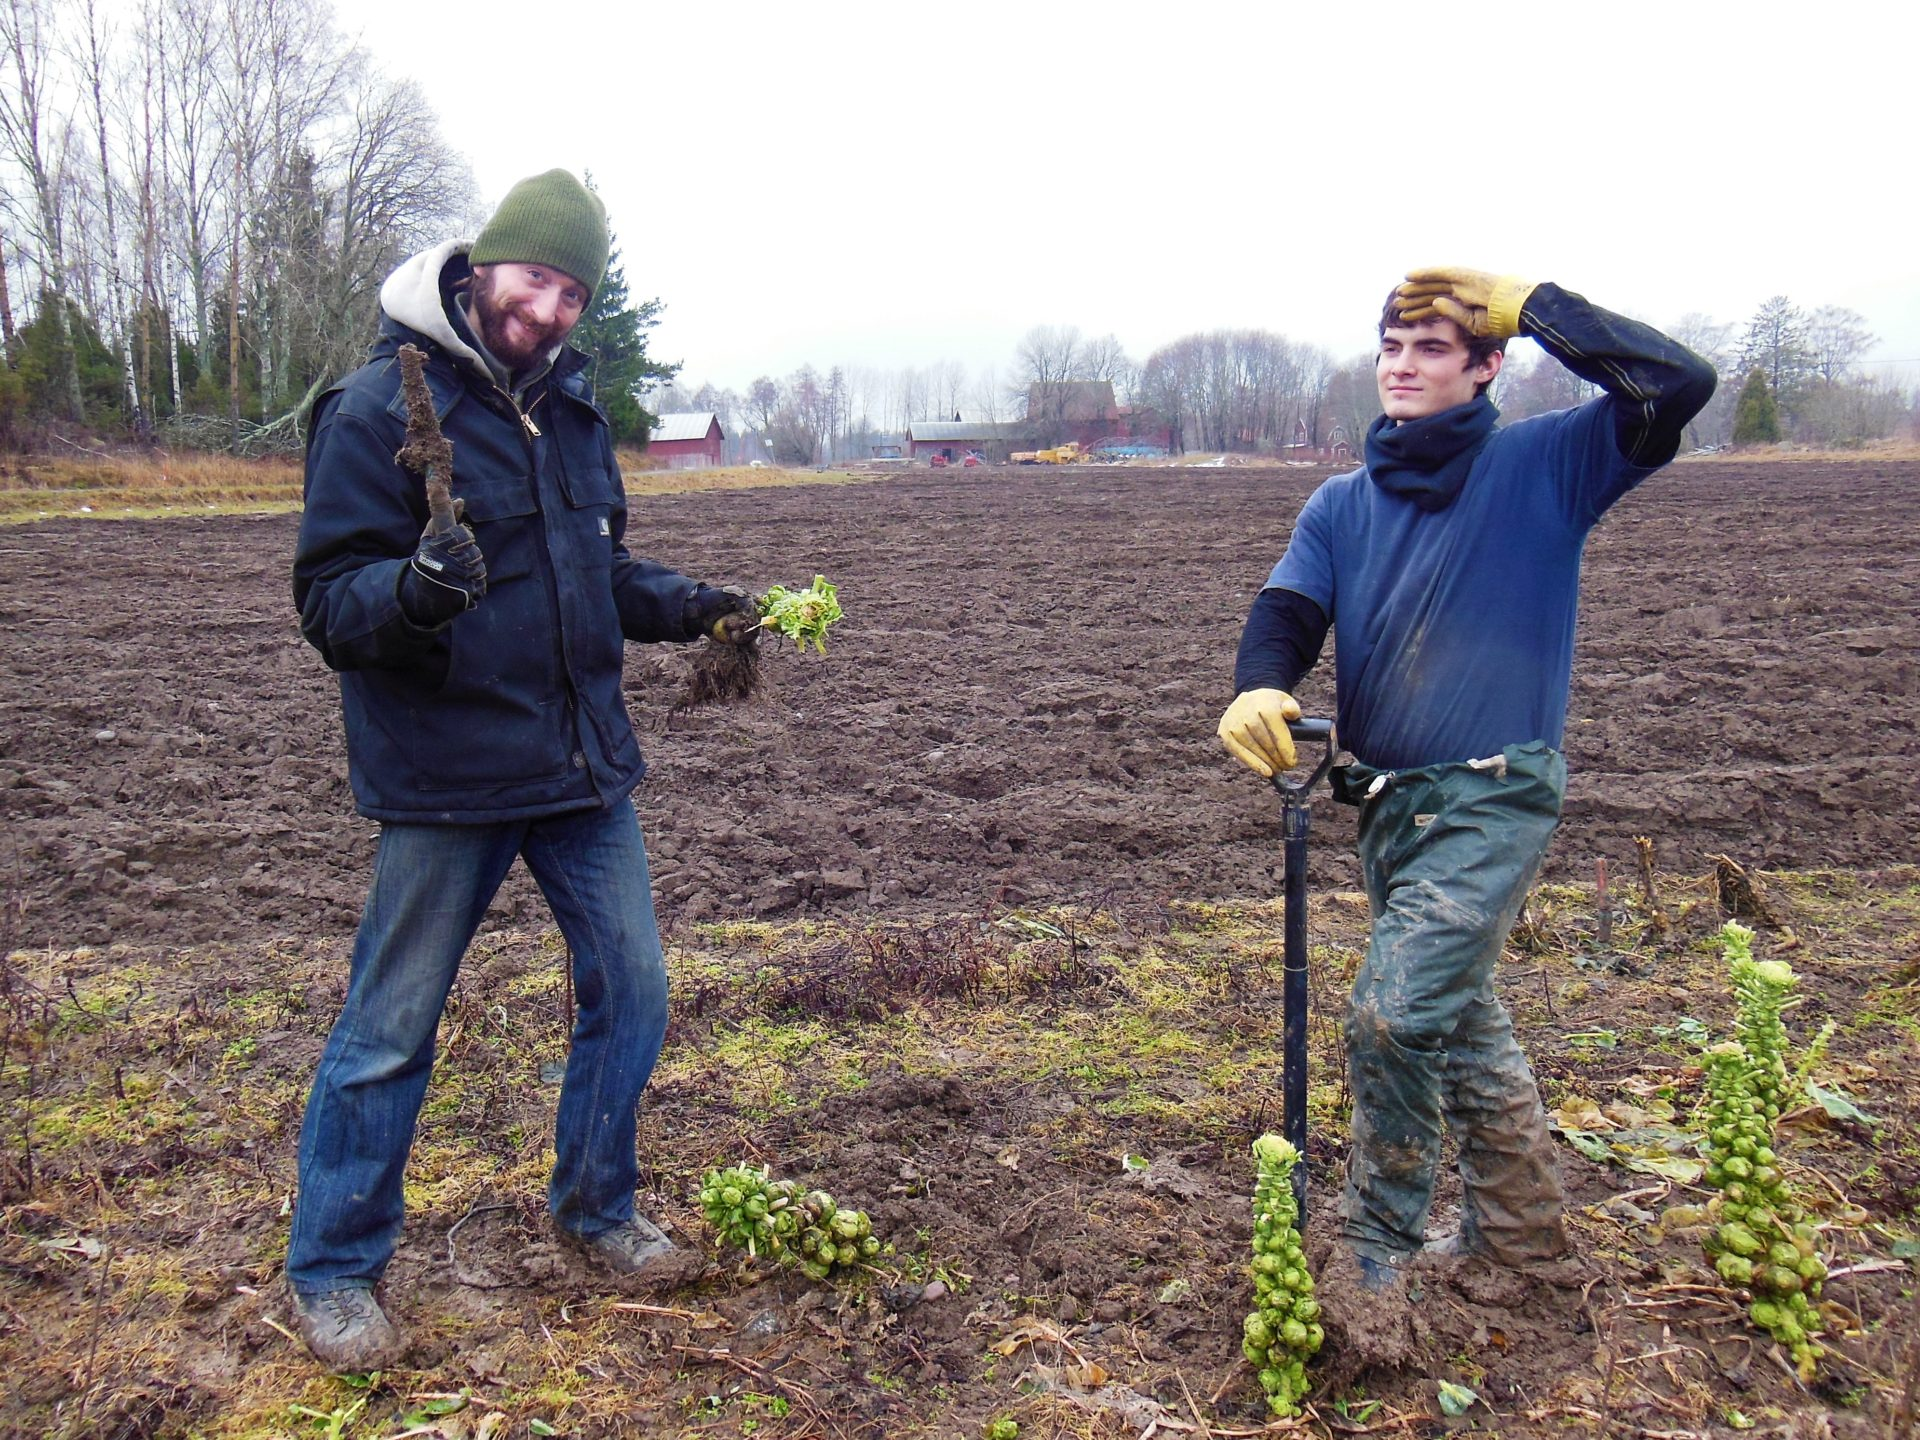 Nathanael, Volunteering, WWOOF, Bjorklinge, Sweden